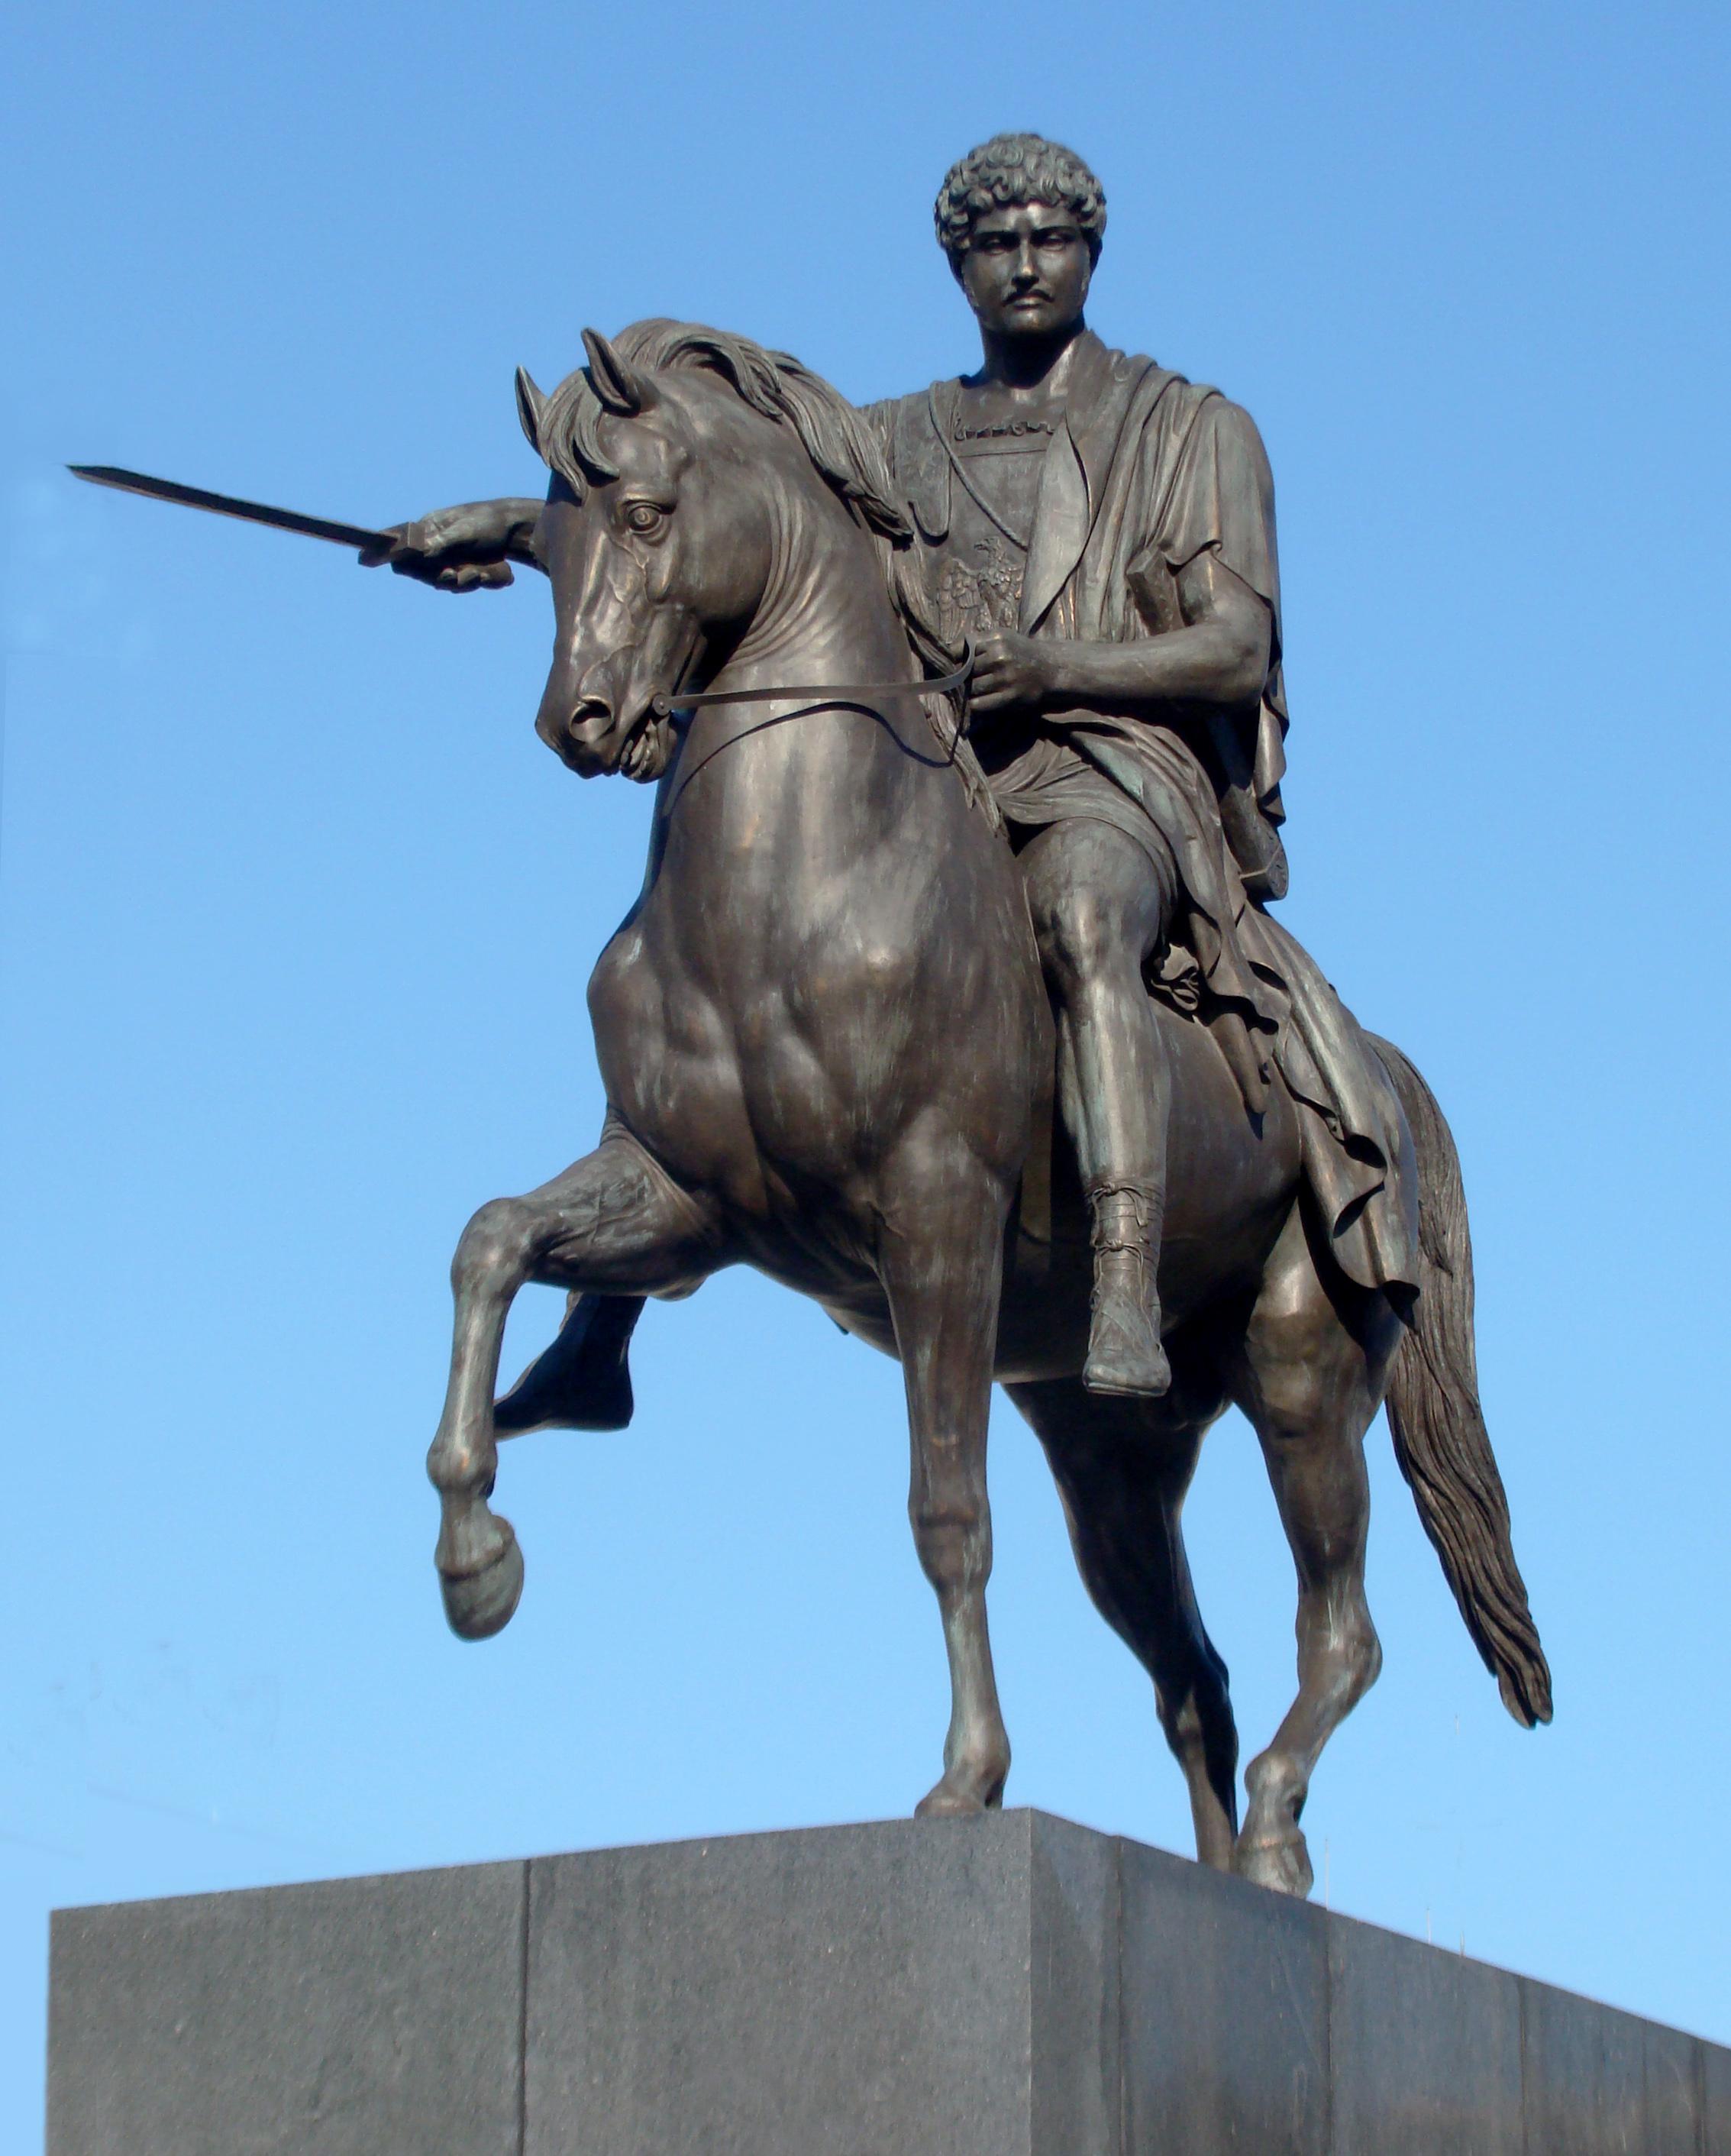 Danų skulptoriaus B. Torvaldseno (Bertel Thorvaldsen) 1827 m. sukurtas paminklas (1944 m. sunaikinto kopija) Lietuvos kunigaikščiui Juozapui Poniatauskiui dabar stovi Varšuvoje, priešais Lenkijos Prezidentūrą | Vikipedijos nuotr.